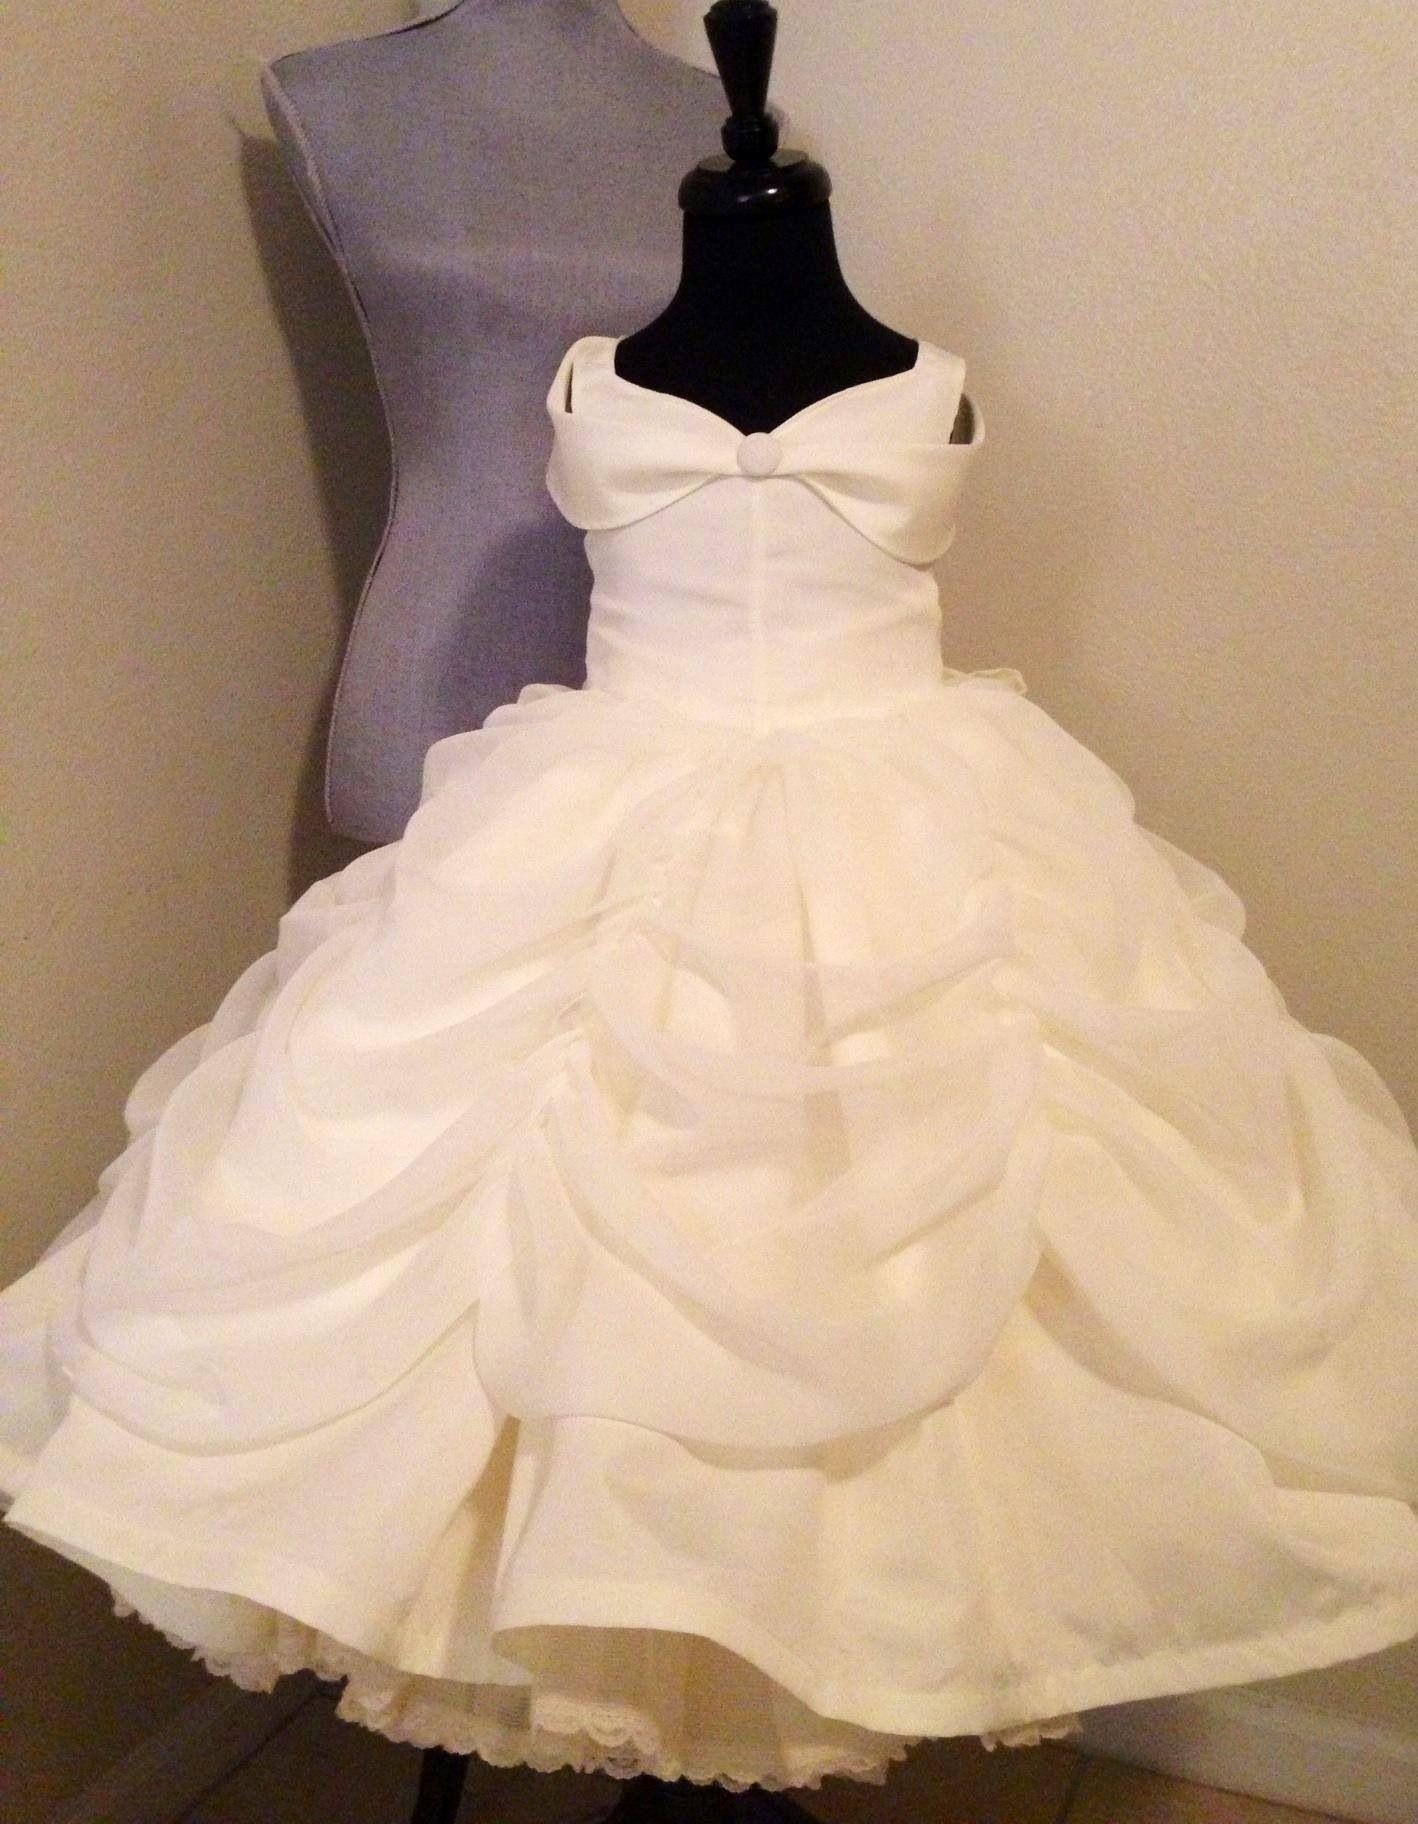 Belle Flower Girl Dress In Ivory From Tinkerellacreations On Etsy